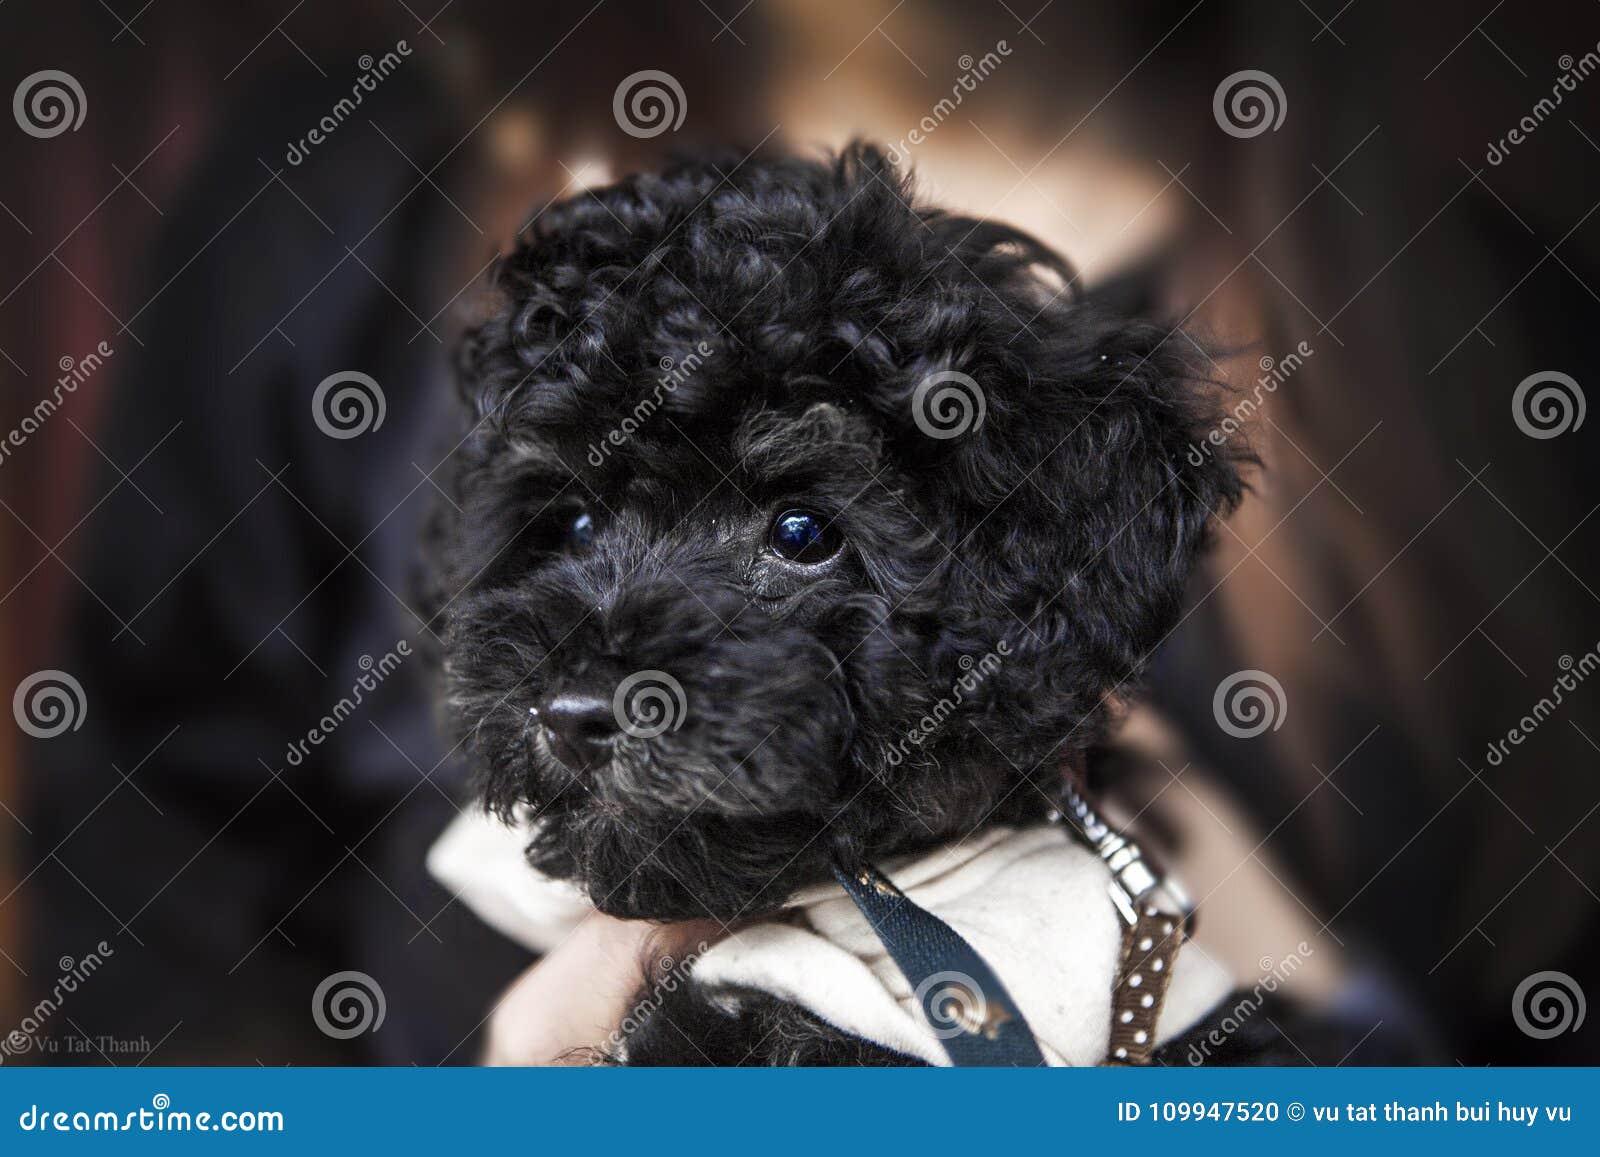 Poodle Cão pequeno cauda pele paws pet pets cães Cão